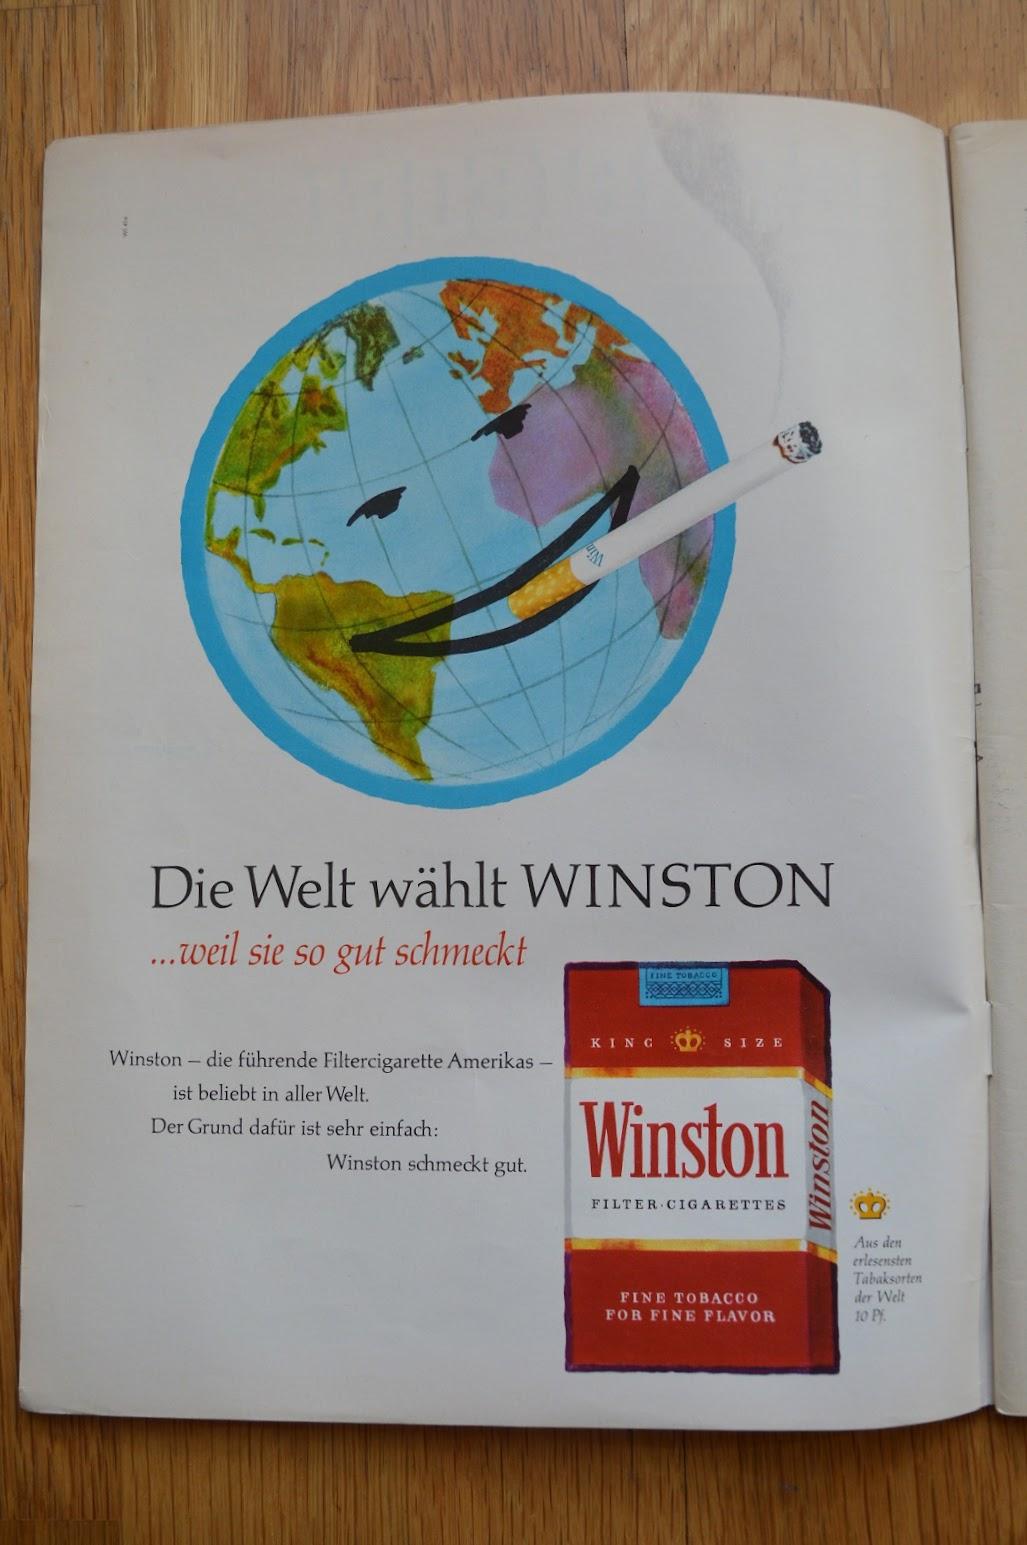 DER SPIEGEL, 29. April 1964 - Werbung für Zigaretten